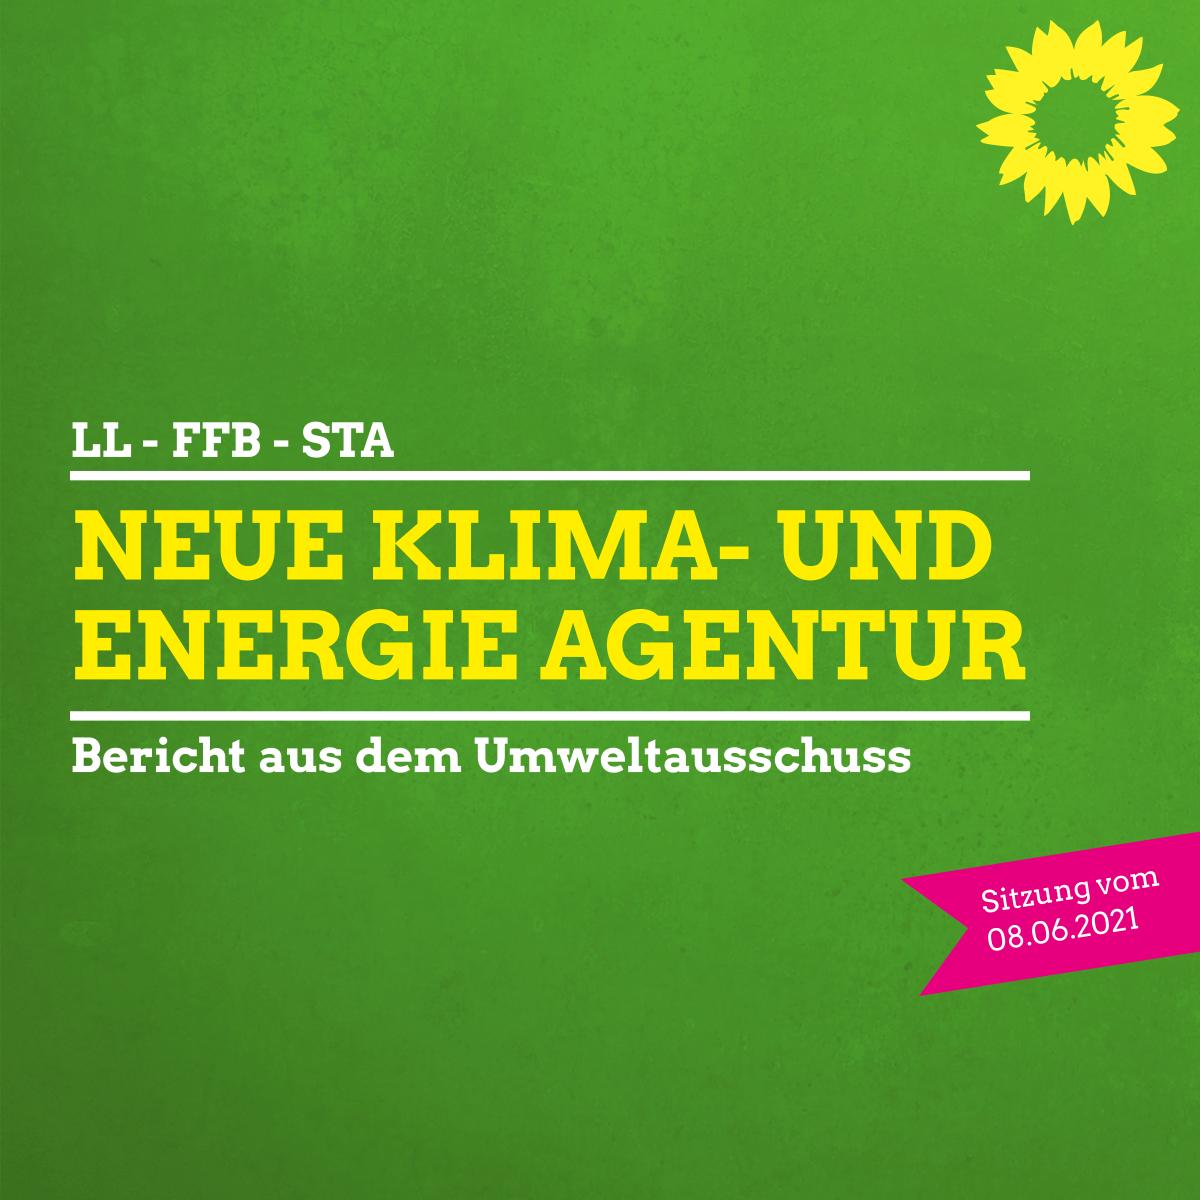 Neue Klima- und Energie Agentur